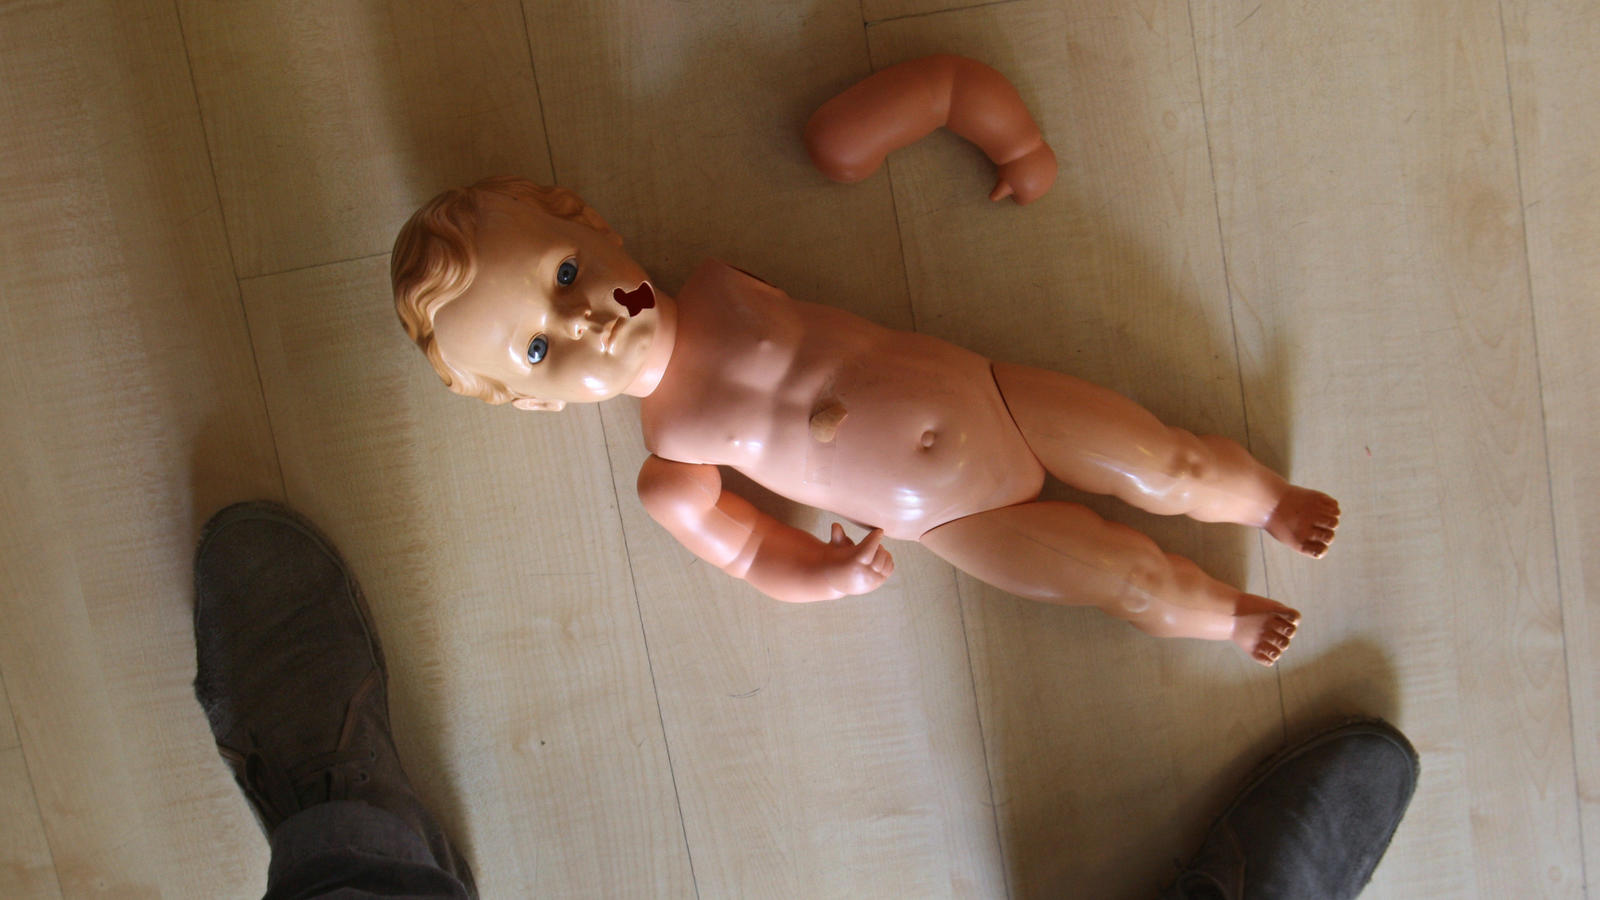 Die letzten Stunden im Leben des kleinen Tim (2) aus Querfurt (Sachsen-Anhalt) müssen die Hölle auf Erden gewesen sein (Symbolbild).